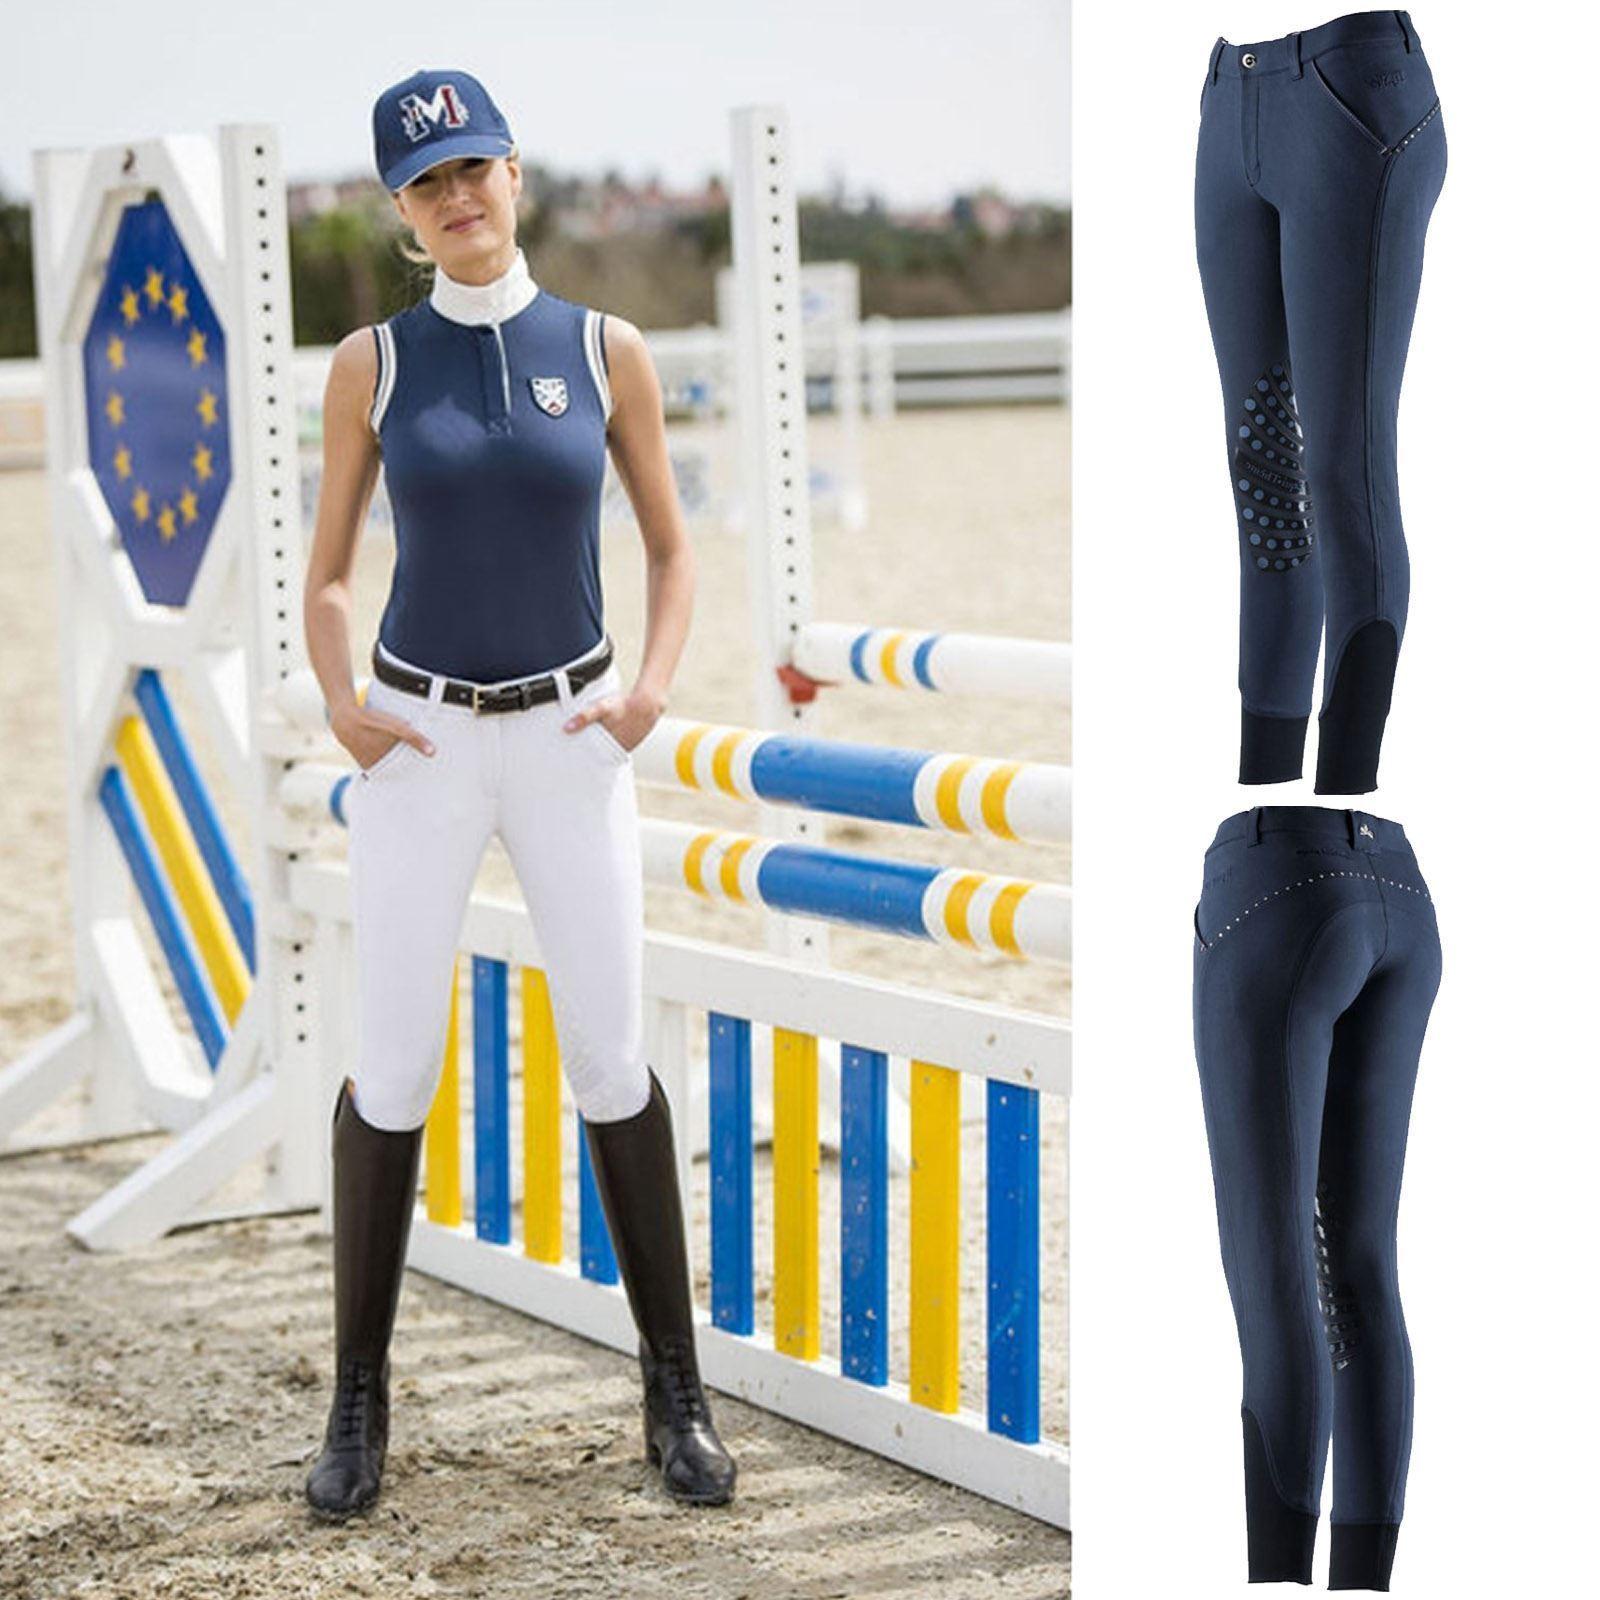 Equi-Theme Damas Hombres Unisex  Térmico Térmica Pantalones de Montar de Parche Rodilla Resistente Al Agua  diseñador en linea